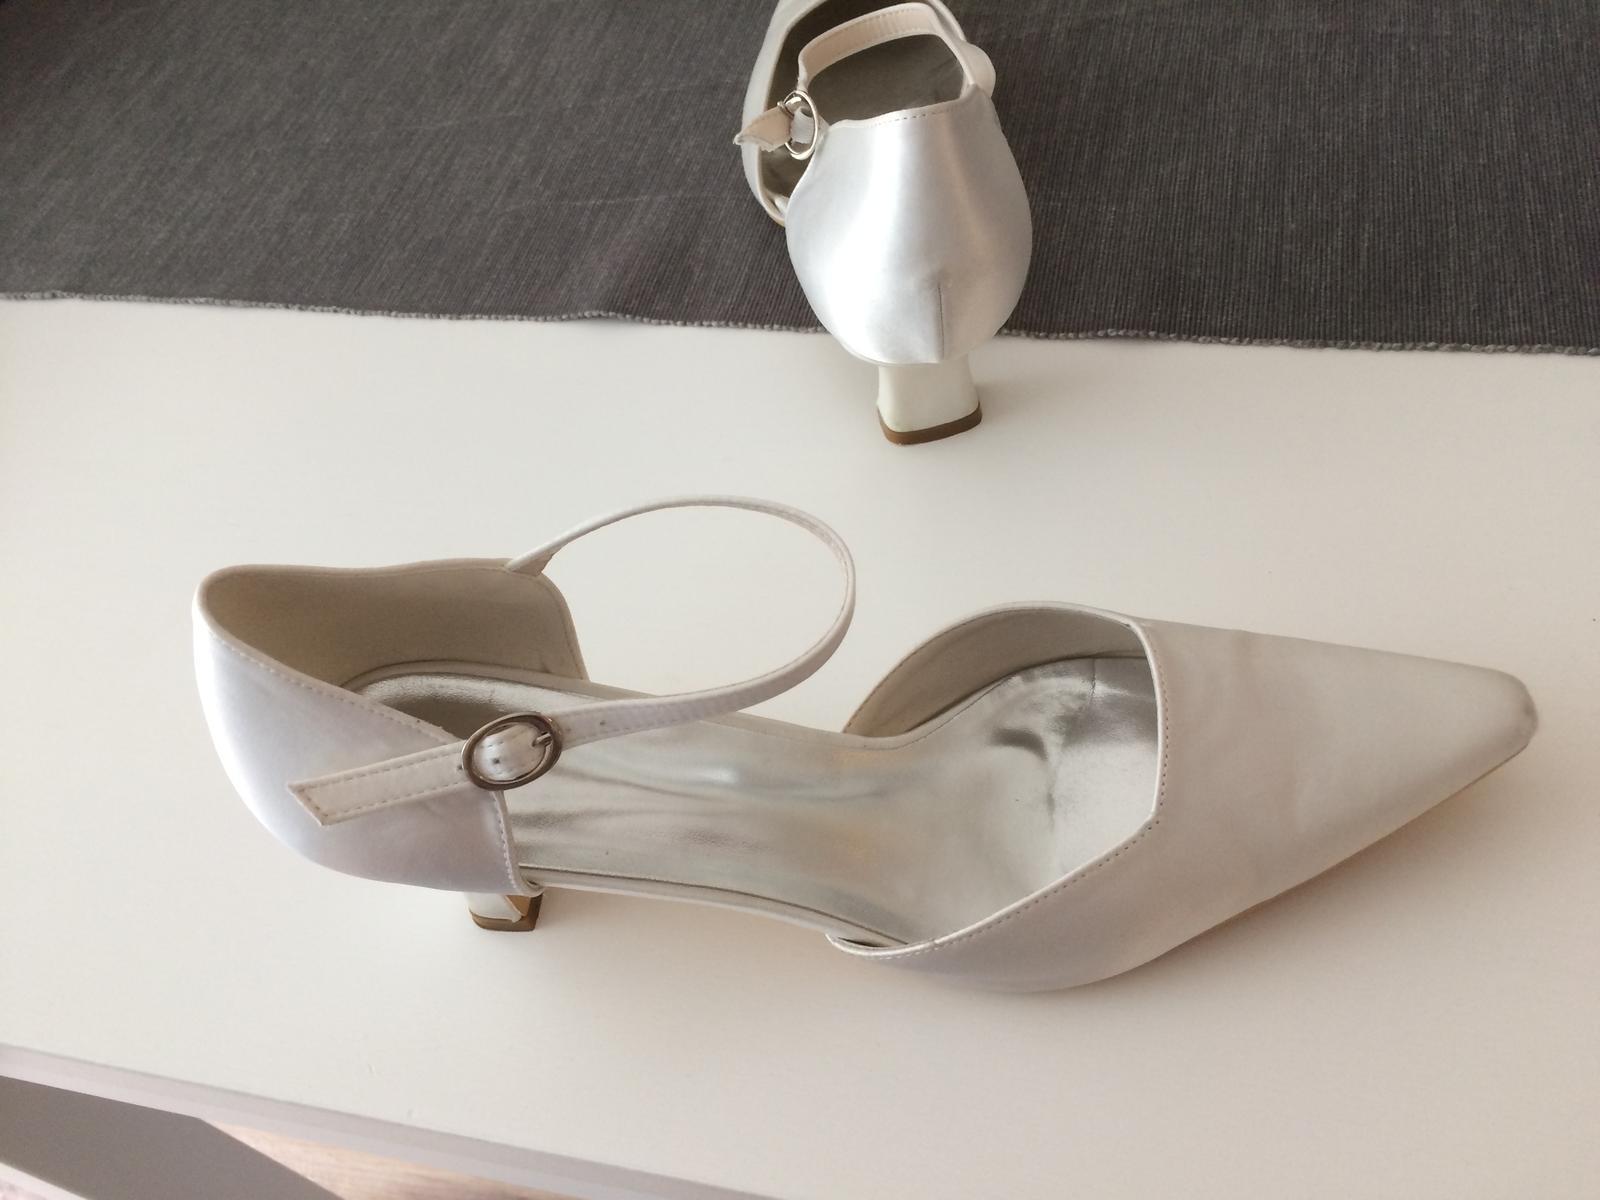 svadobné topánky č. 41 farba ivory - Obrázok č. 1